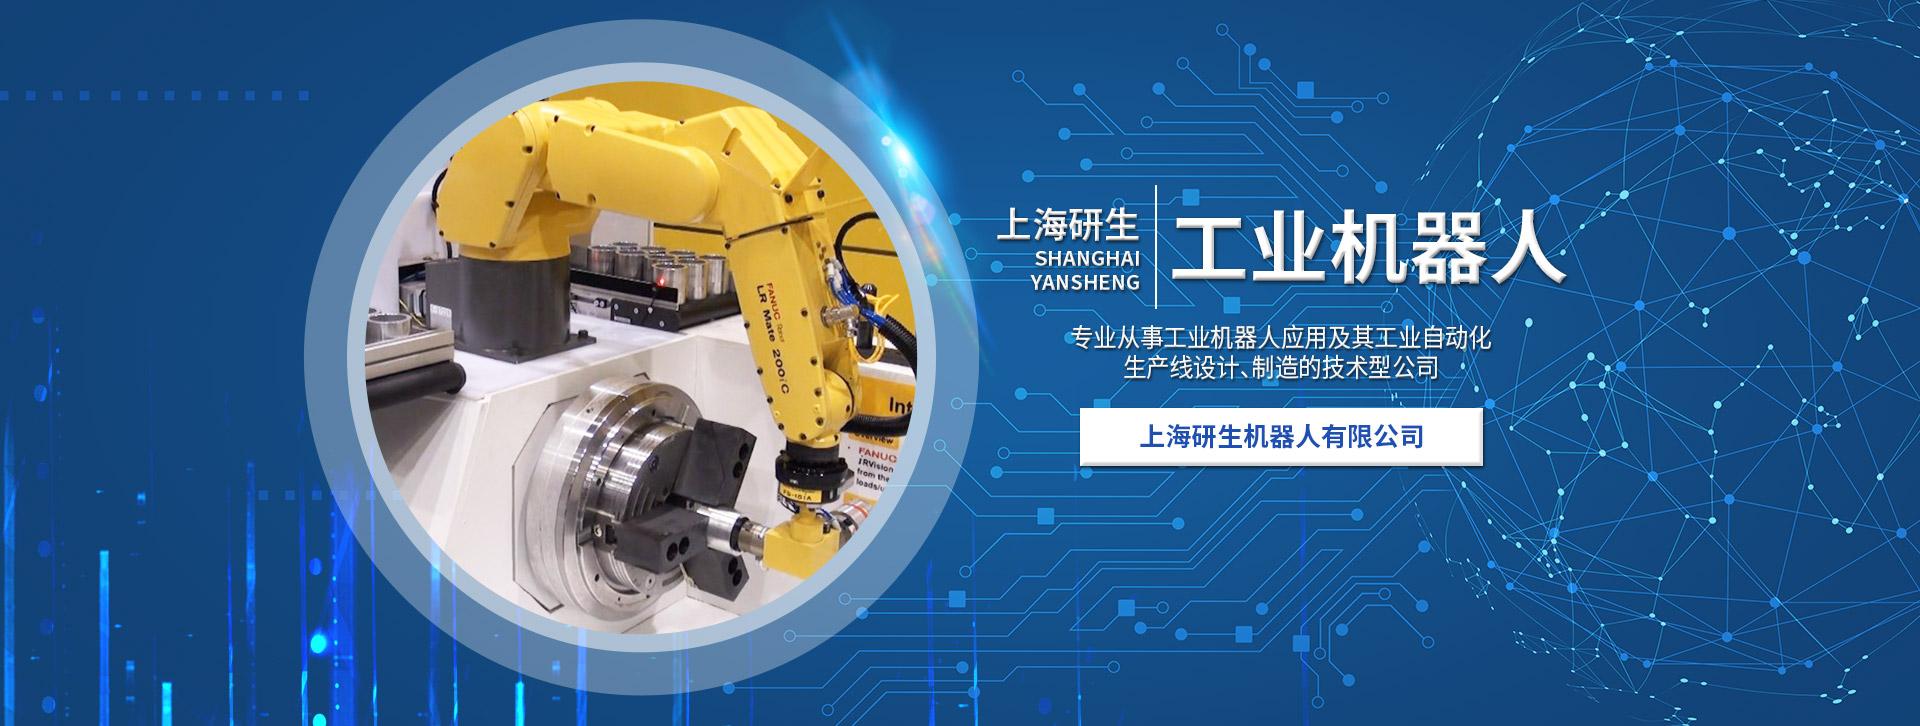 上海研生机器人有限公司